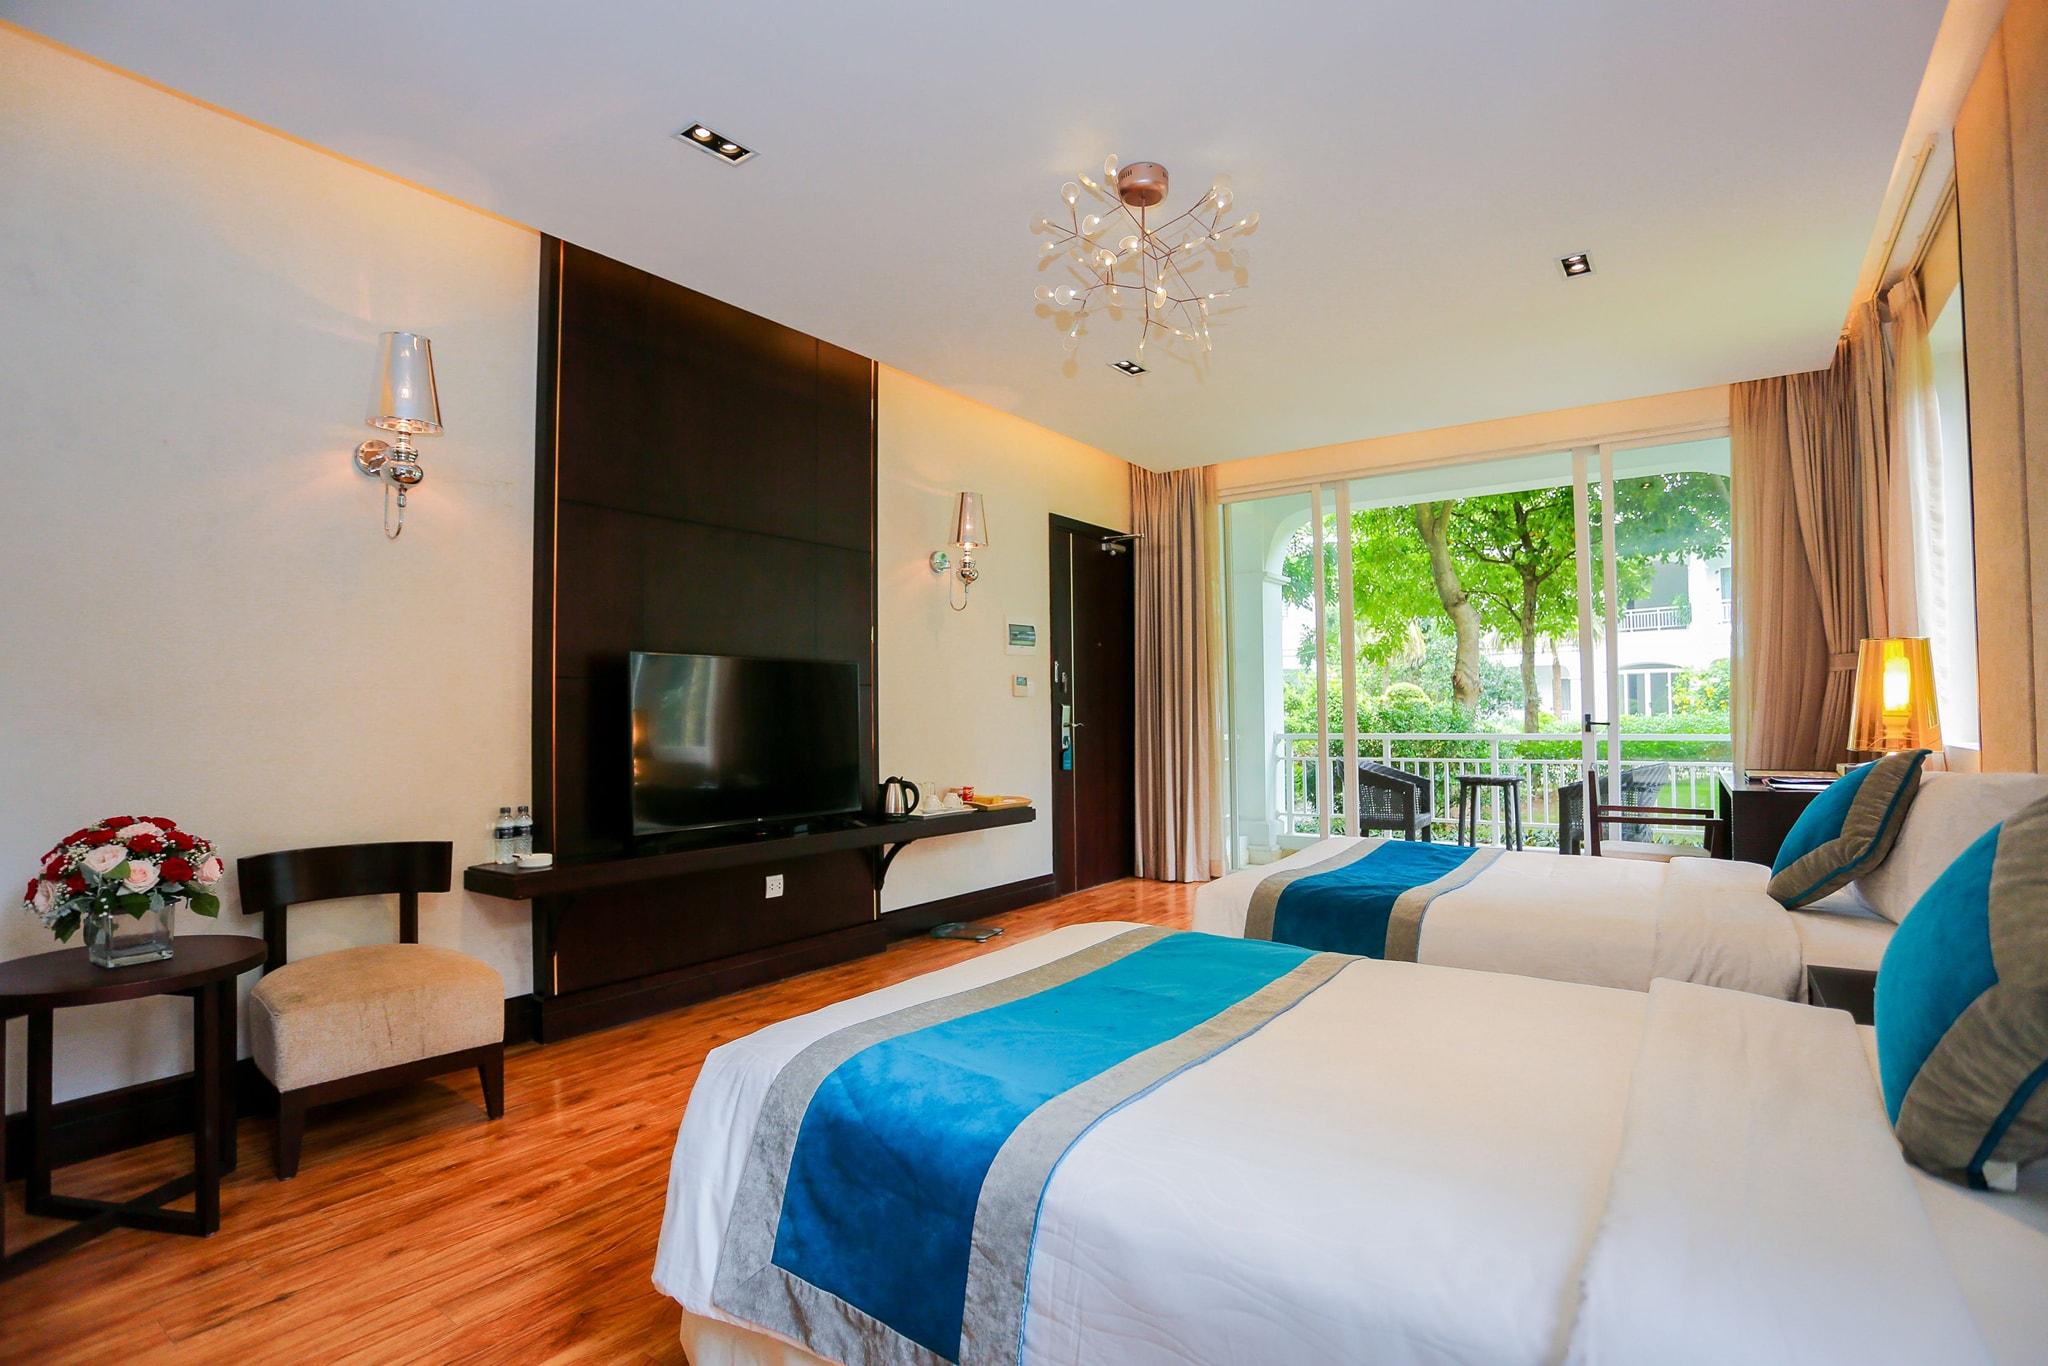 Rời xa phố thị về miền xanh trong lành tại hệ thống quần thể nghỉ dưỡng FLC Hotels & Resorts  - Ảnh 5